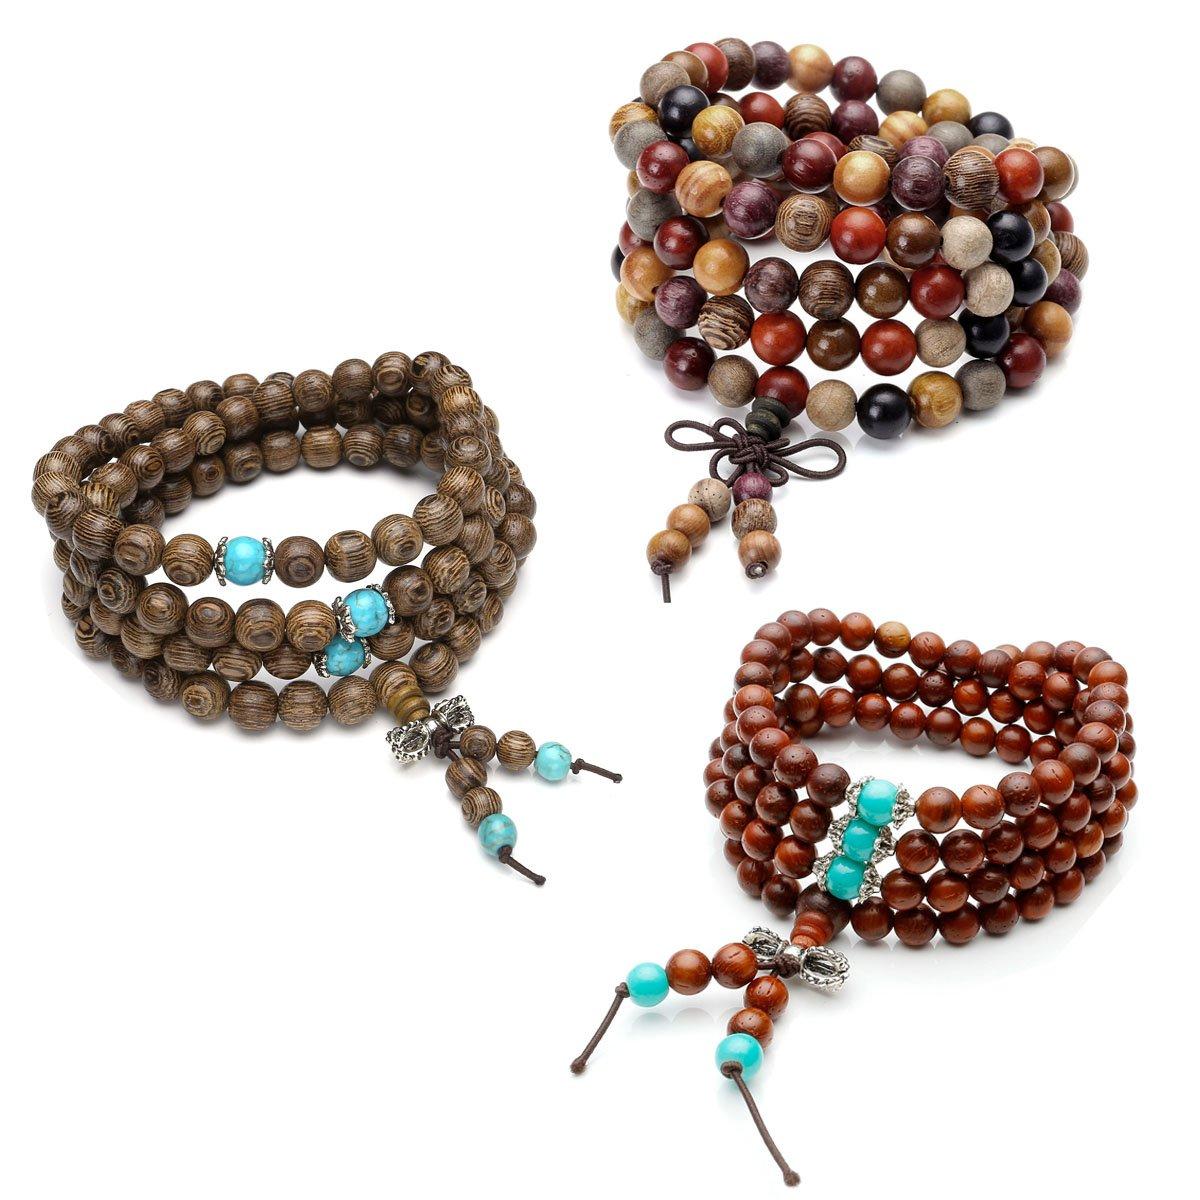 Top Plaza Unisex 108 Natural Wood 6mm 8mm Beads Wrap Bracelet Meditation Buddhist Rosary Mala Necklace (Wenge Wood+Multi Sandalwood+Cat Eye Sandalwood)